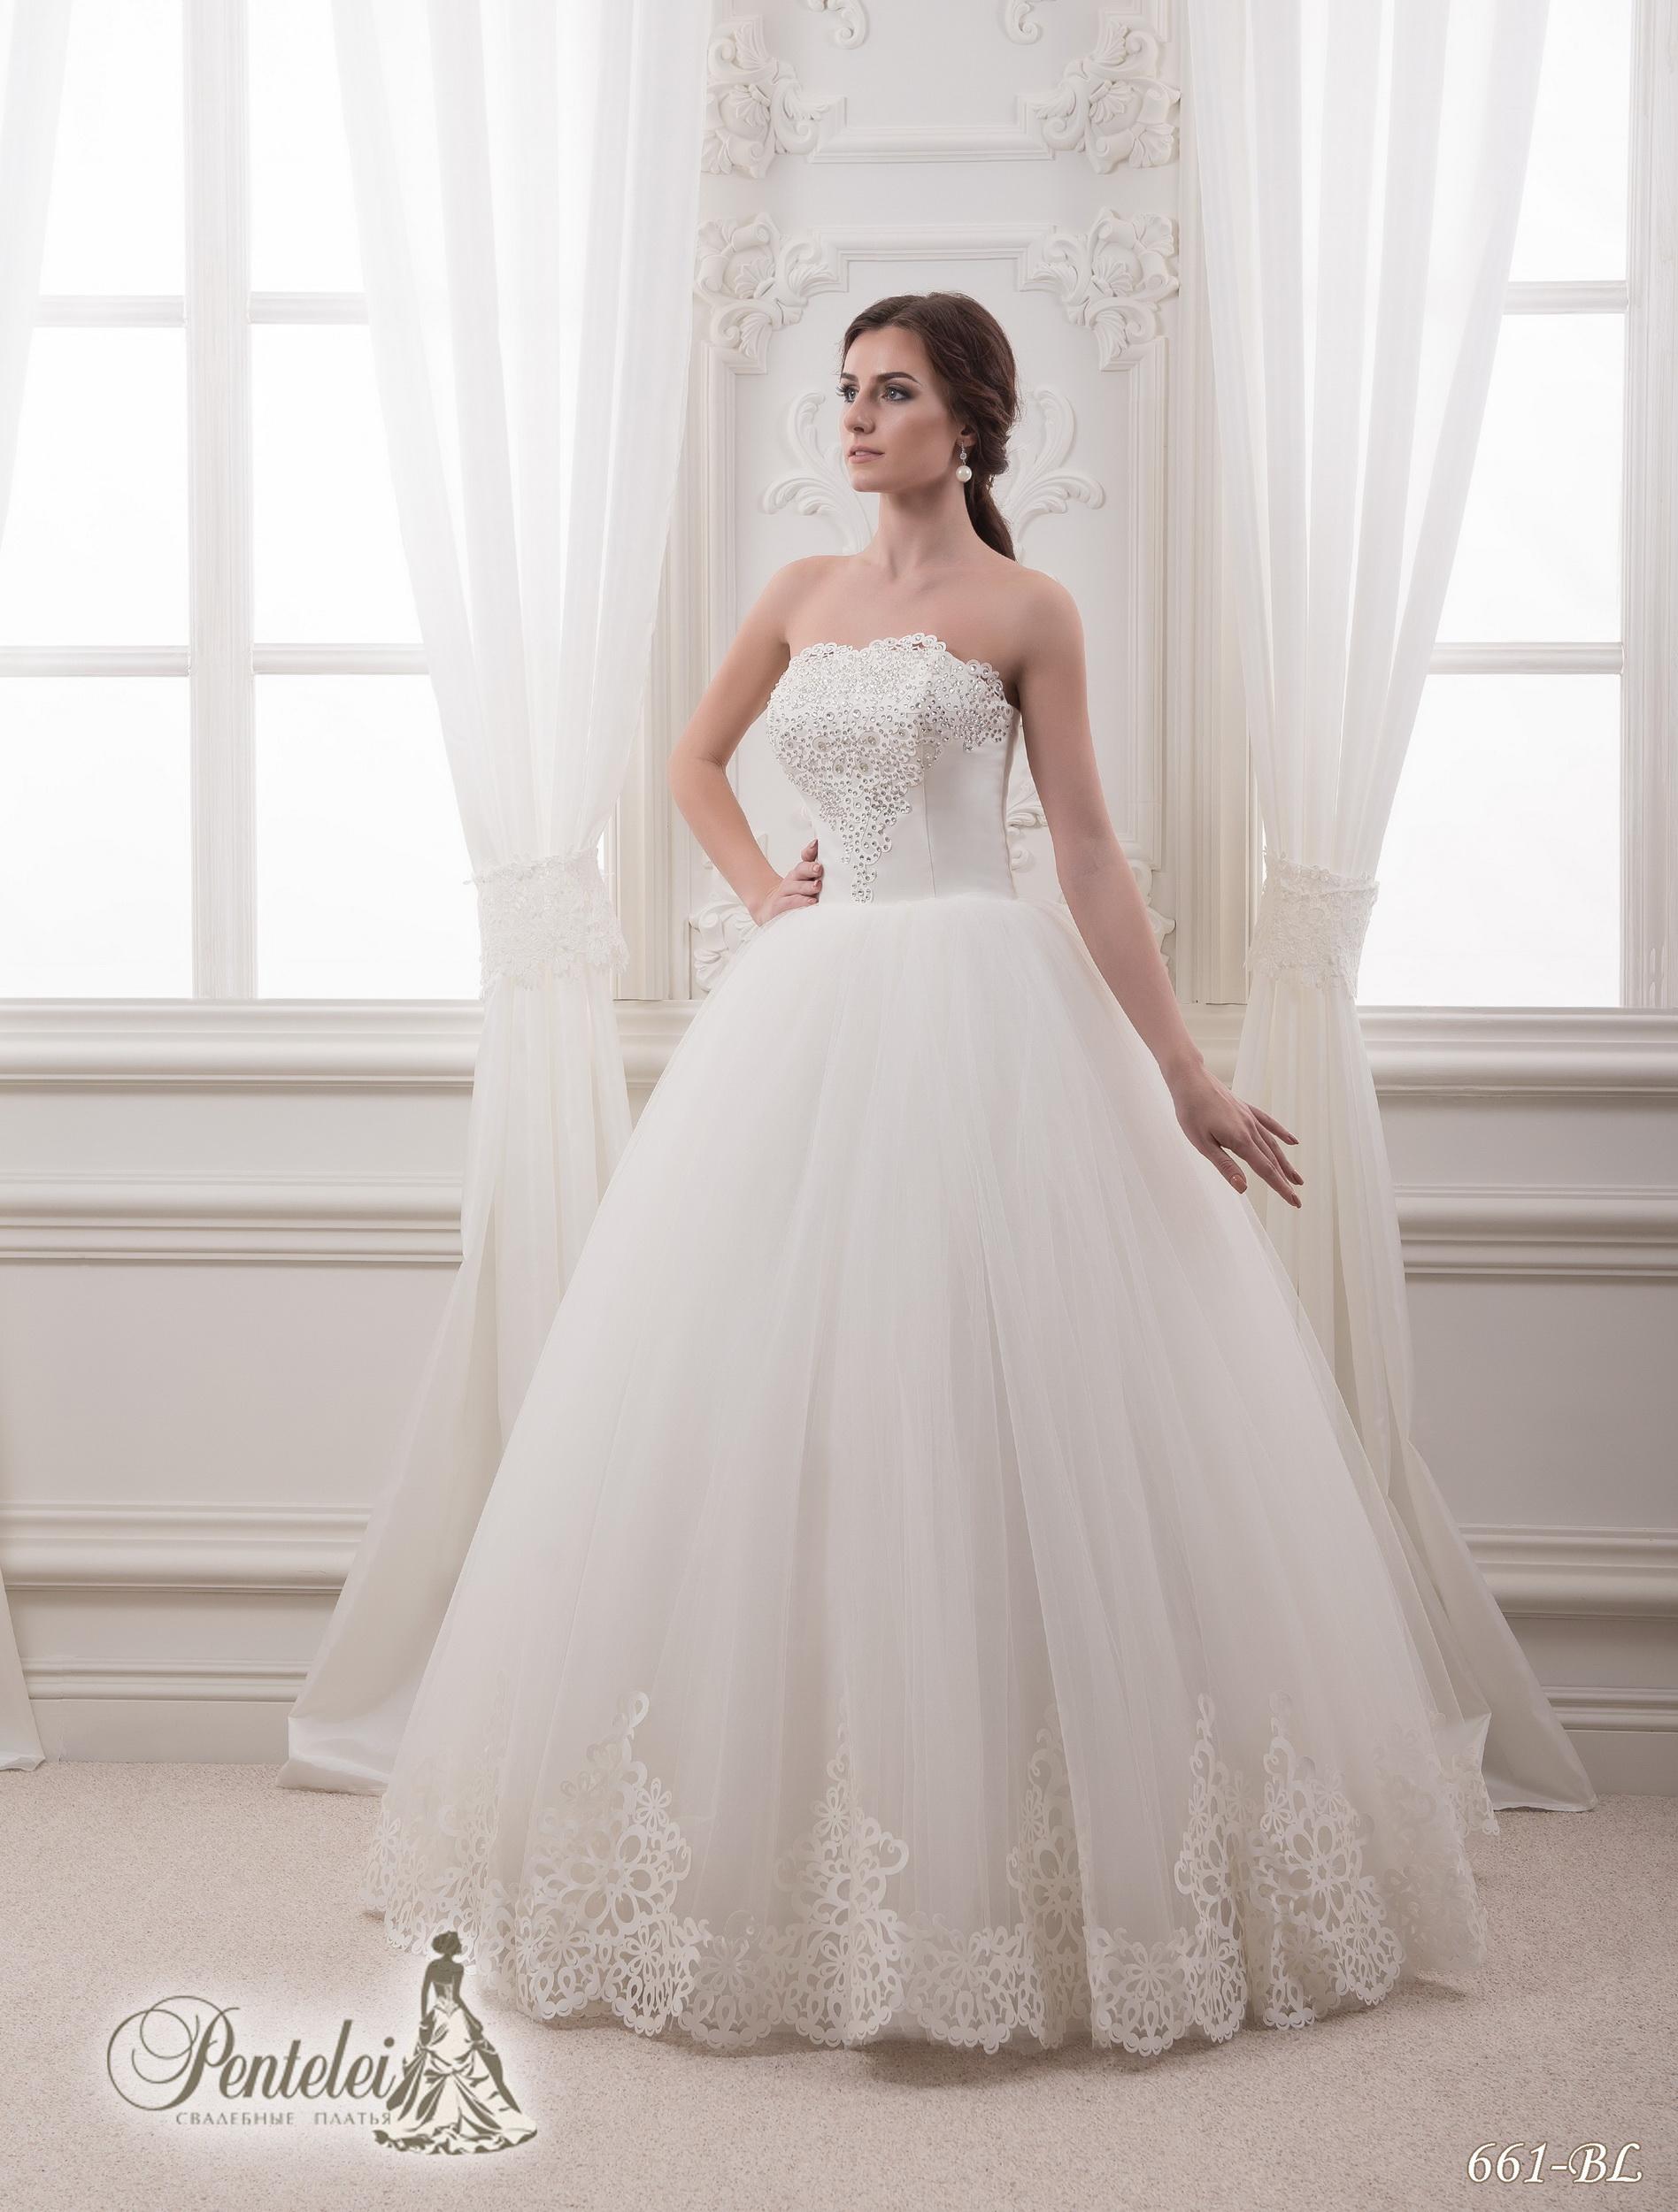 661-BL | Cumpăra rochii de mireasă en-gros de Pentelei